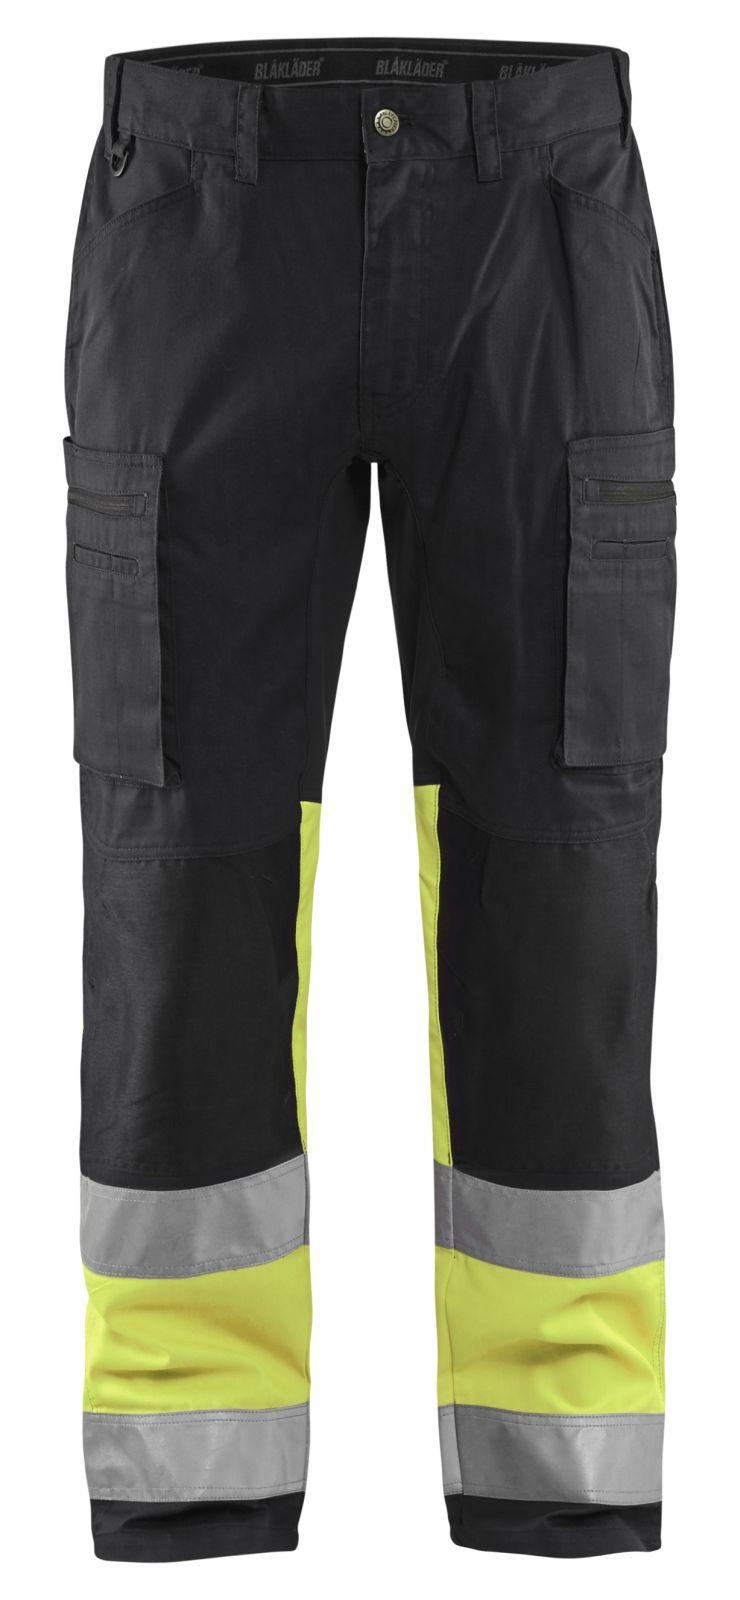 Blaklader Softshell werkbroeken 15511811 High Vis zwart-geel(9933)